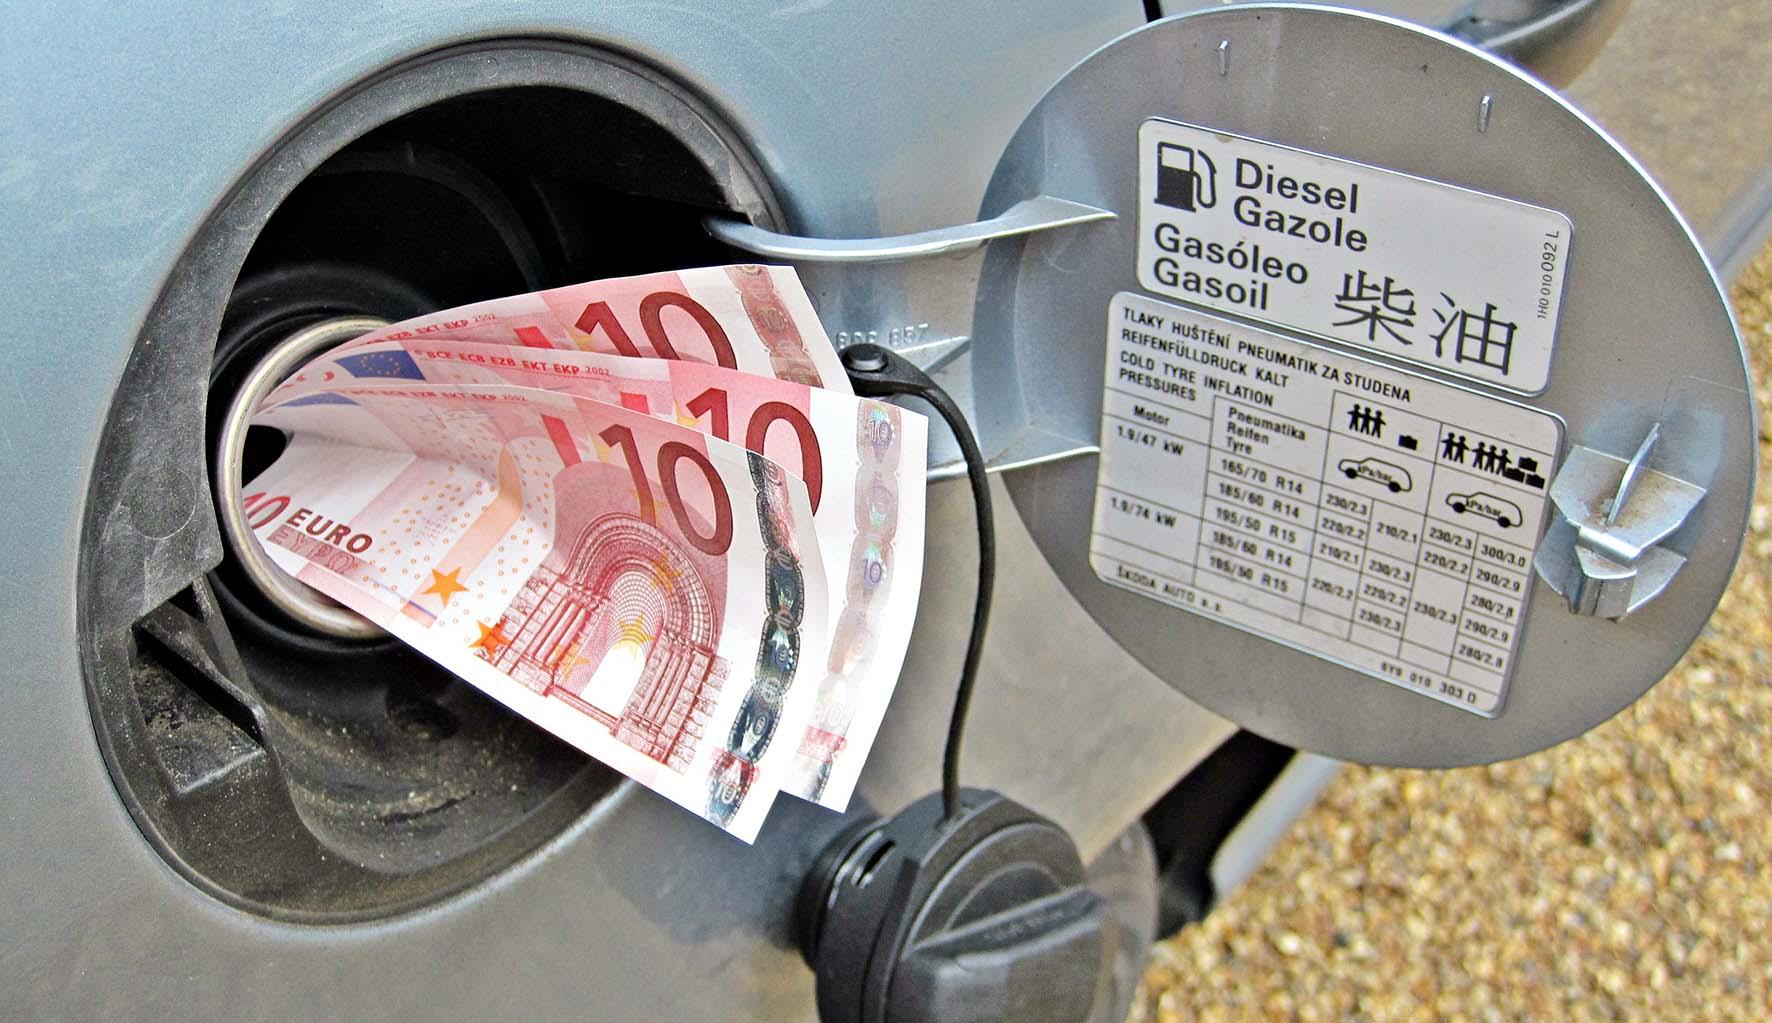 caro pieno carburante biglietti 10 euro bocchettone rifornimento auto